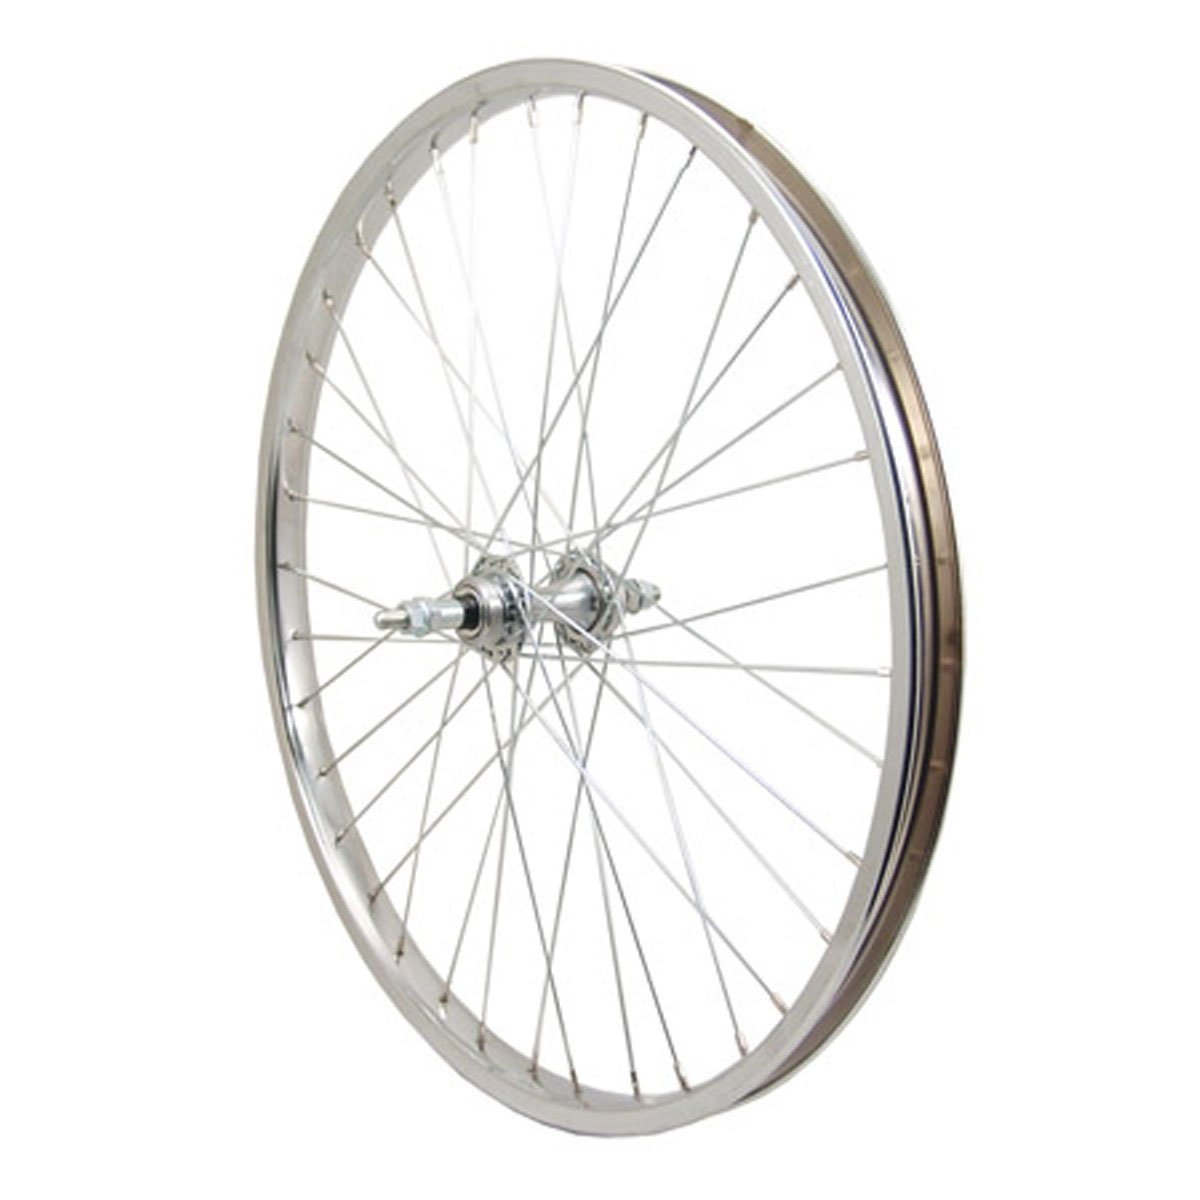 Sta Tru Steel 6-7 Speed Freewheel Hub Rear Wheel (24X1.75-Inch)